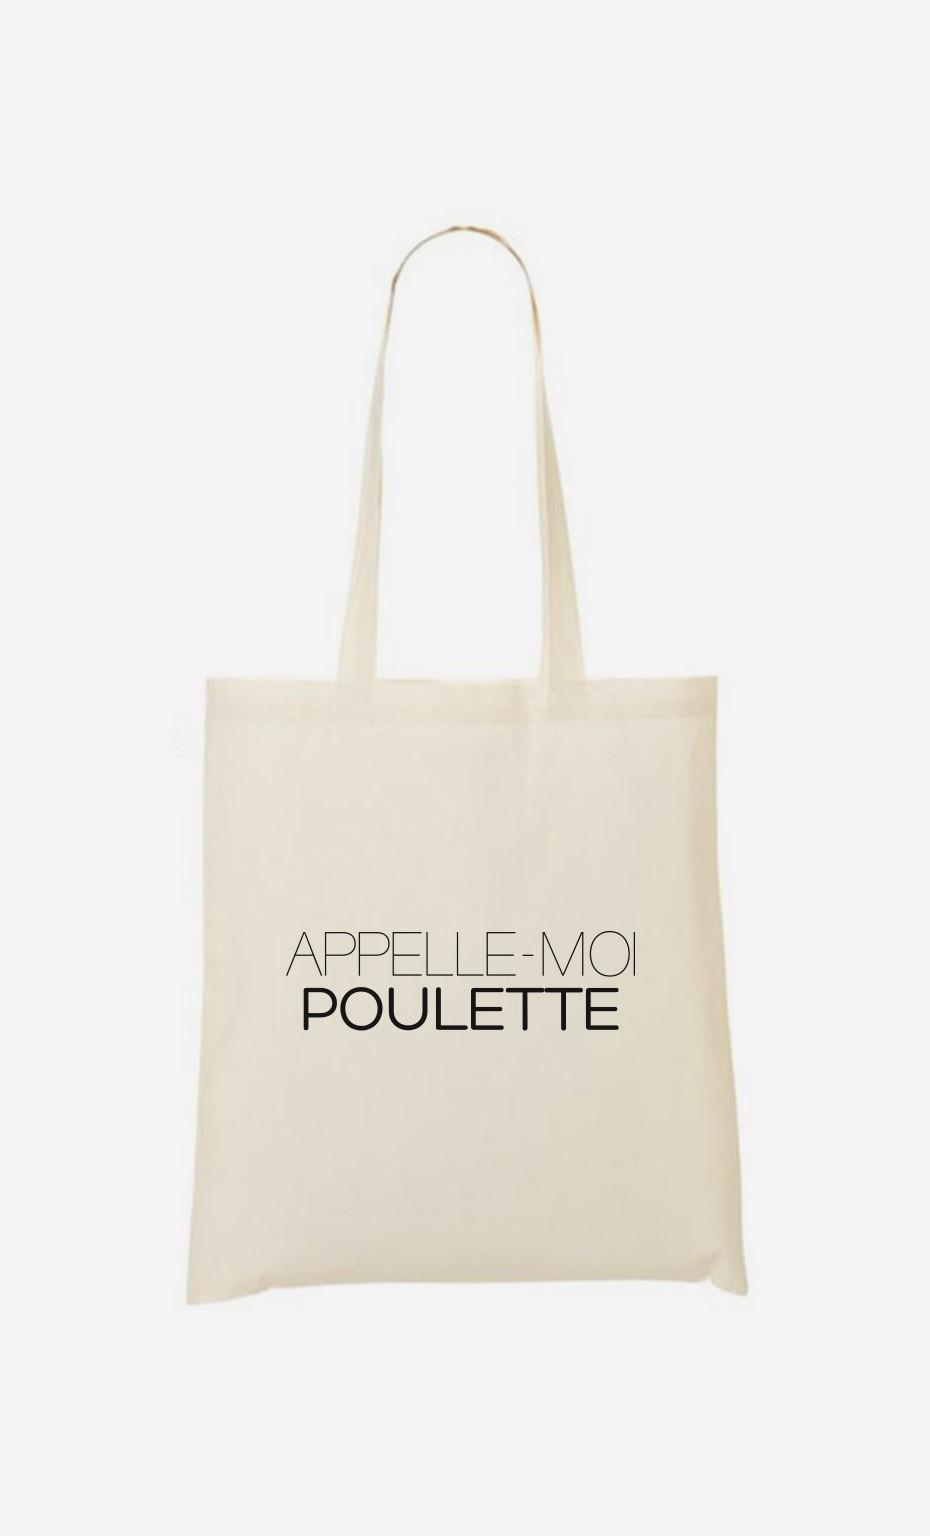 Tote Bag Appelle-Moi Poulette